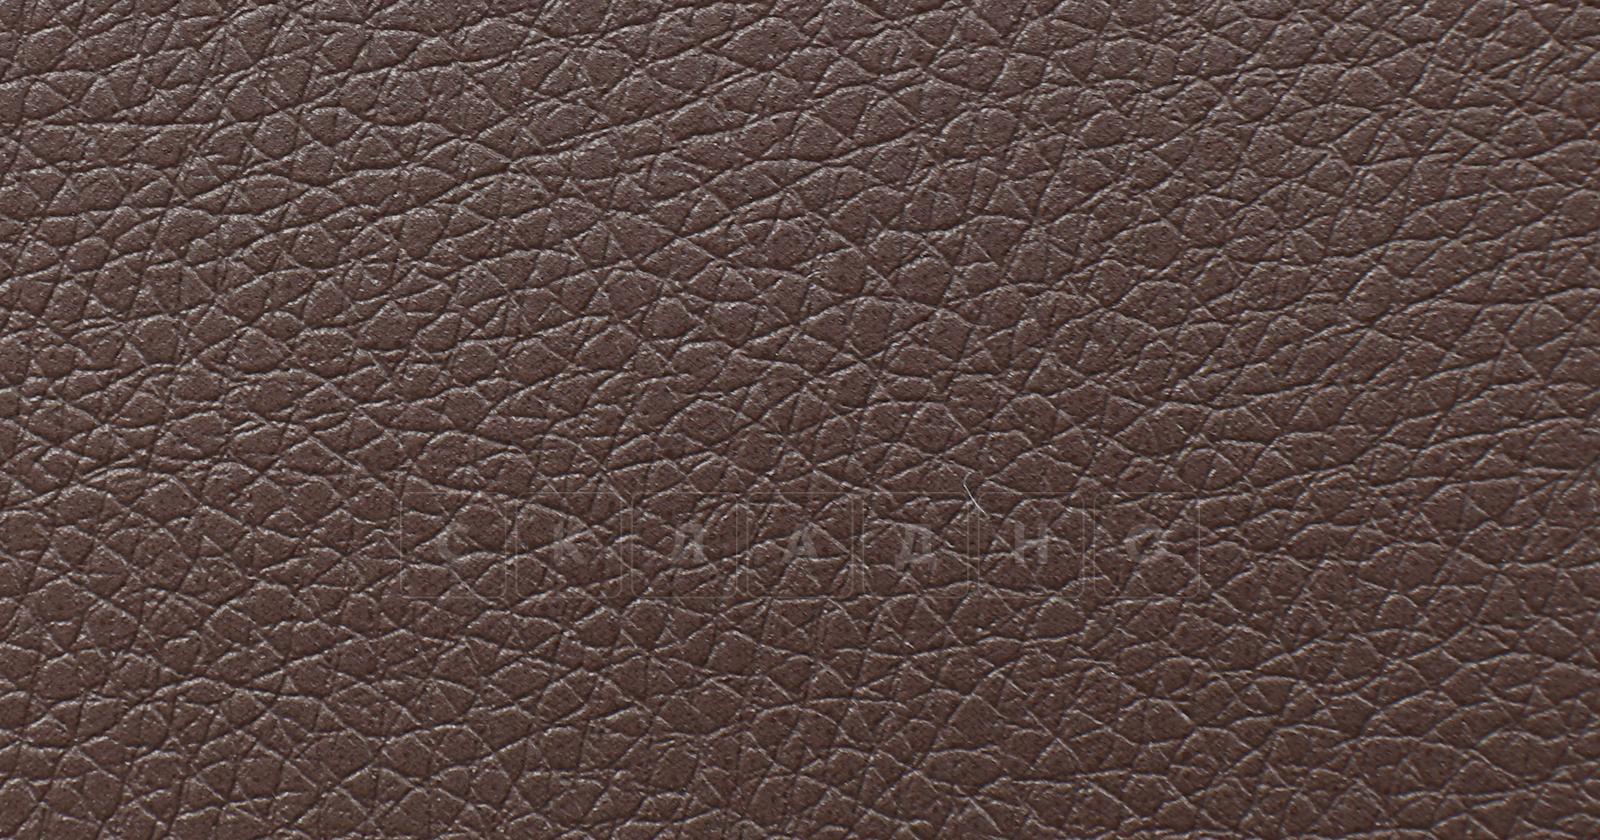 Мягкая кровать Синди 160 см шоколад без подъемного механизма фото 4 | интернет-магазин Складно